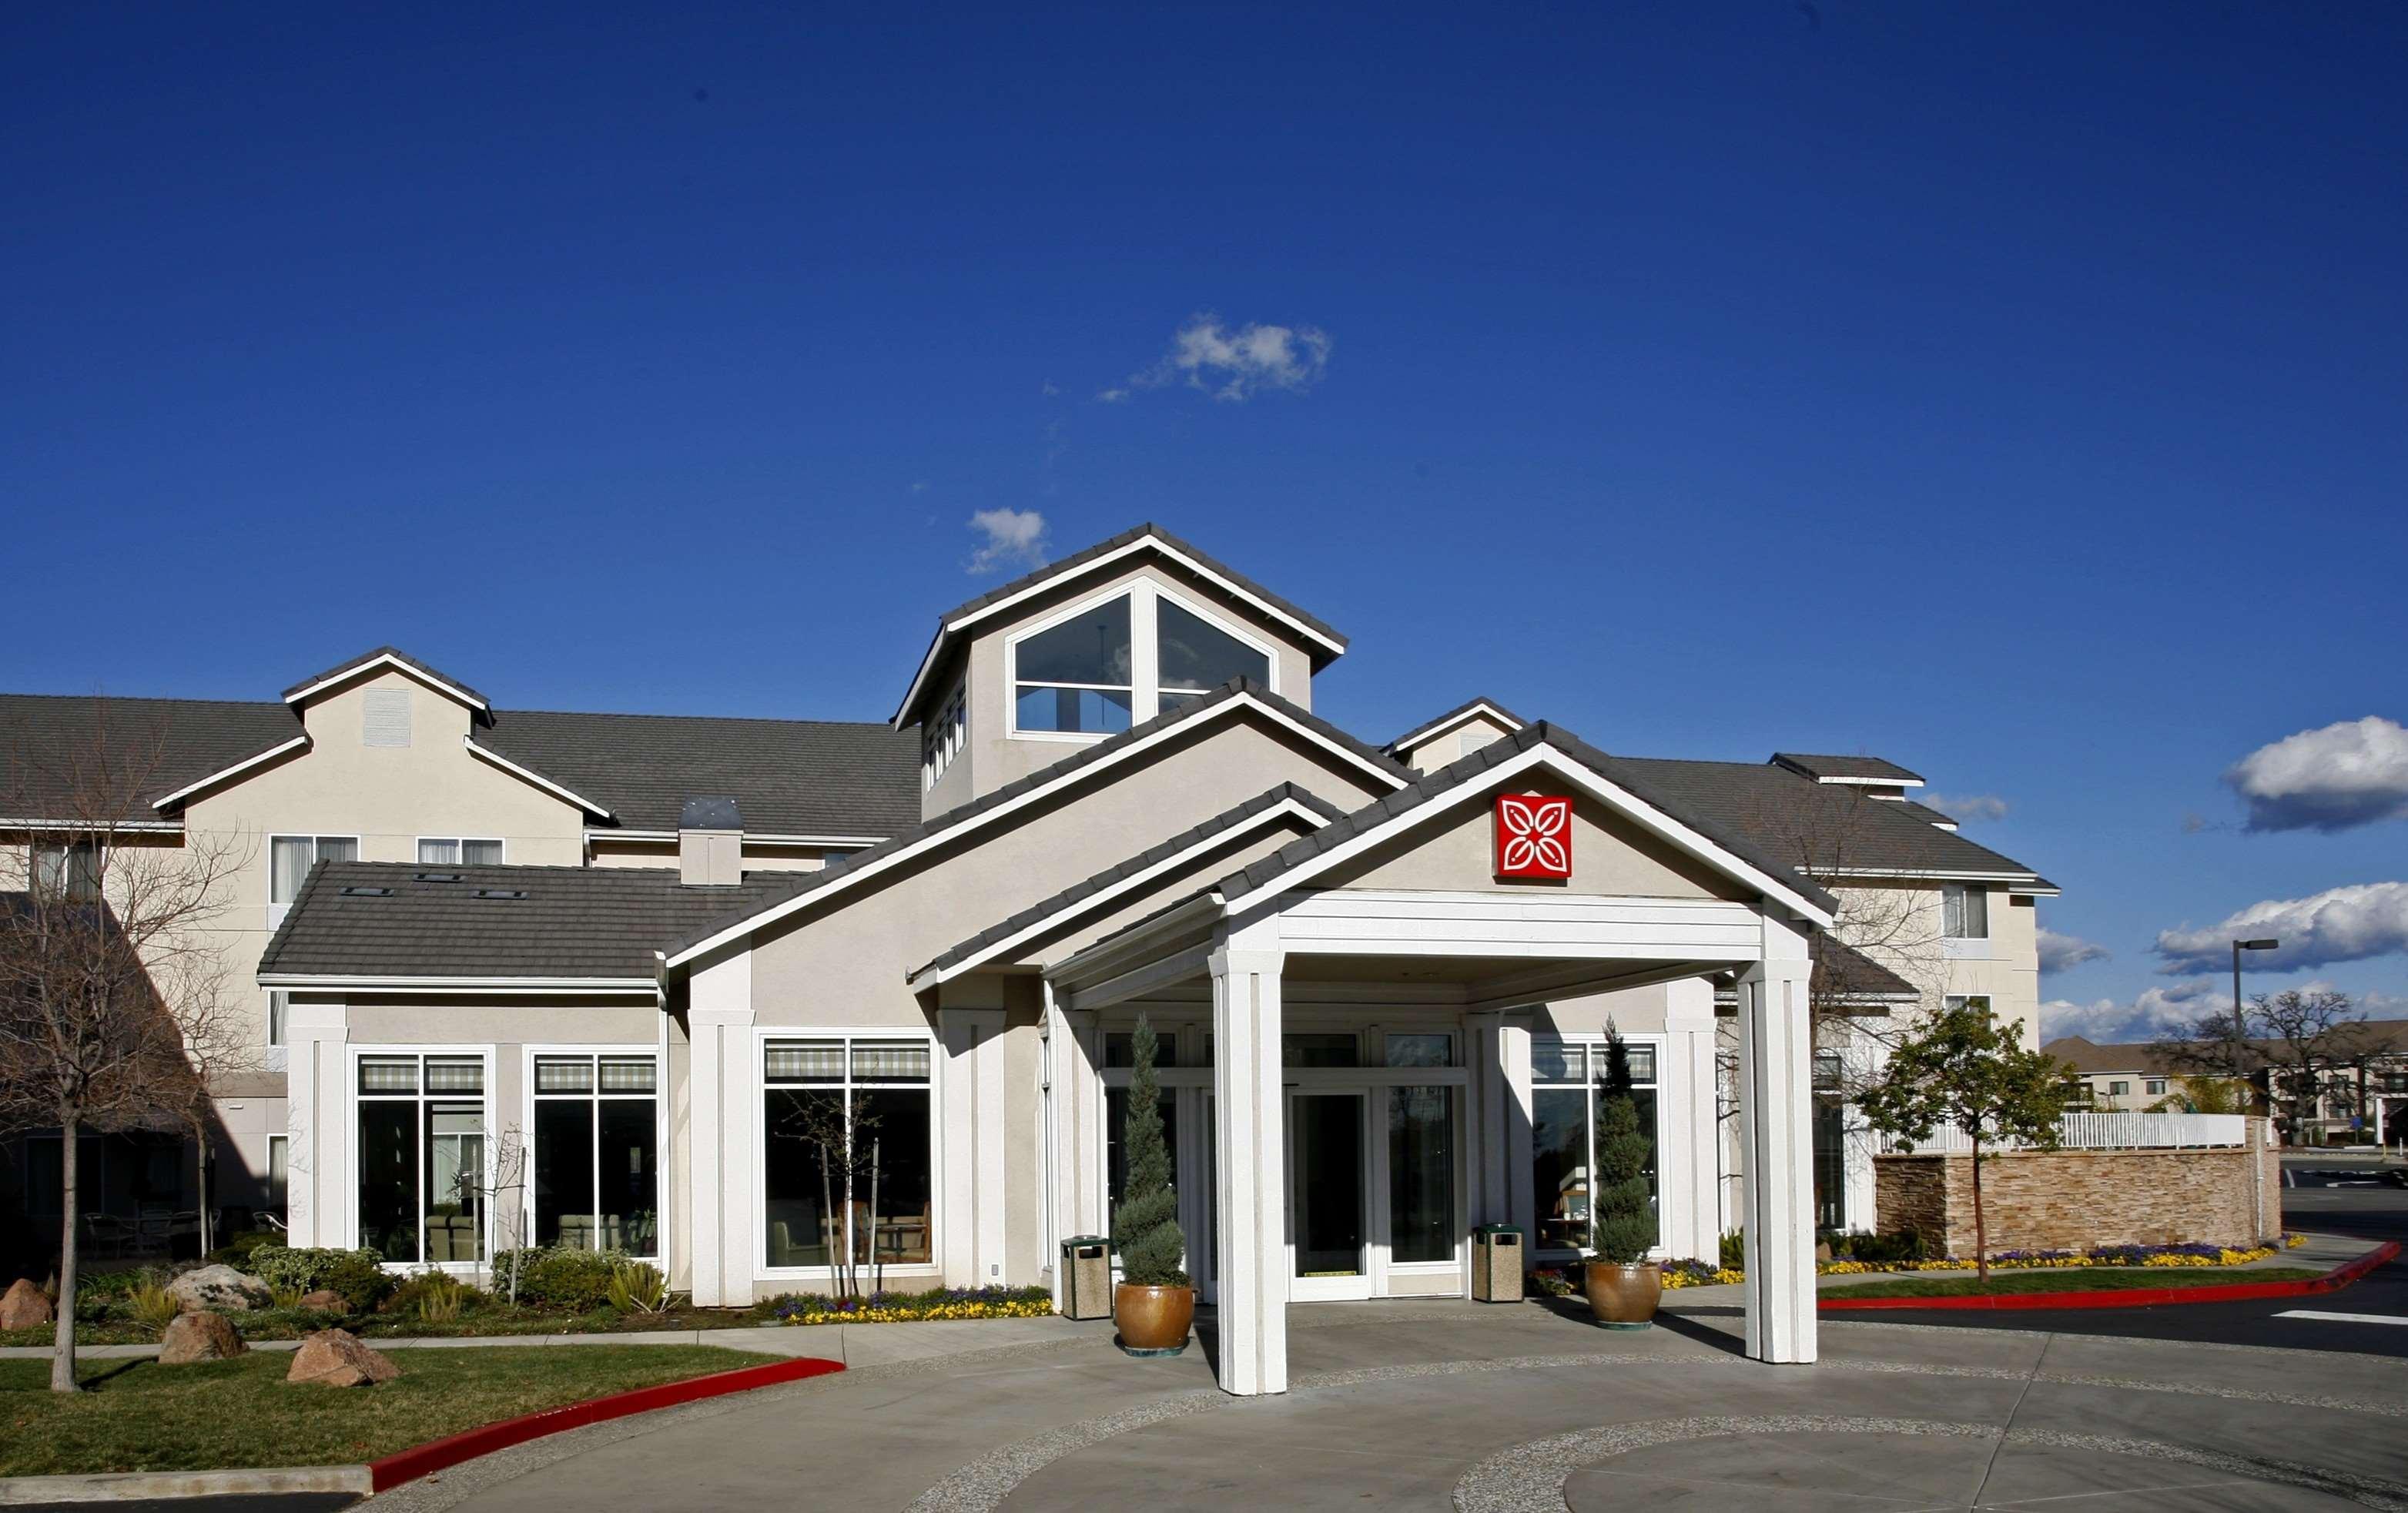 Hilton Garden Inn Roseville image 1